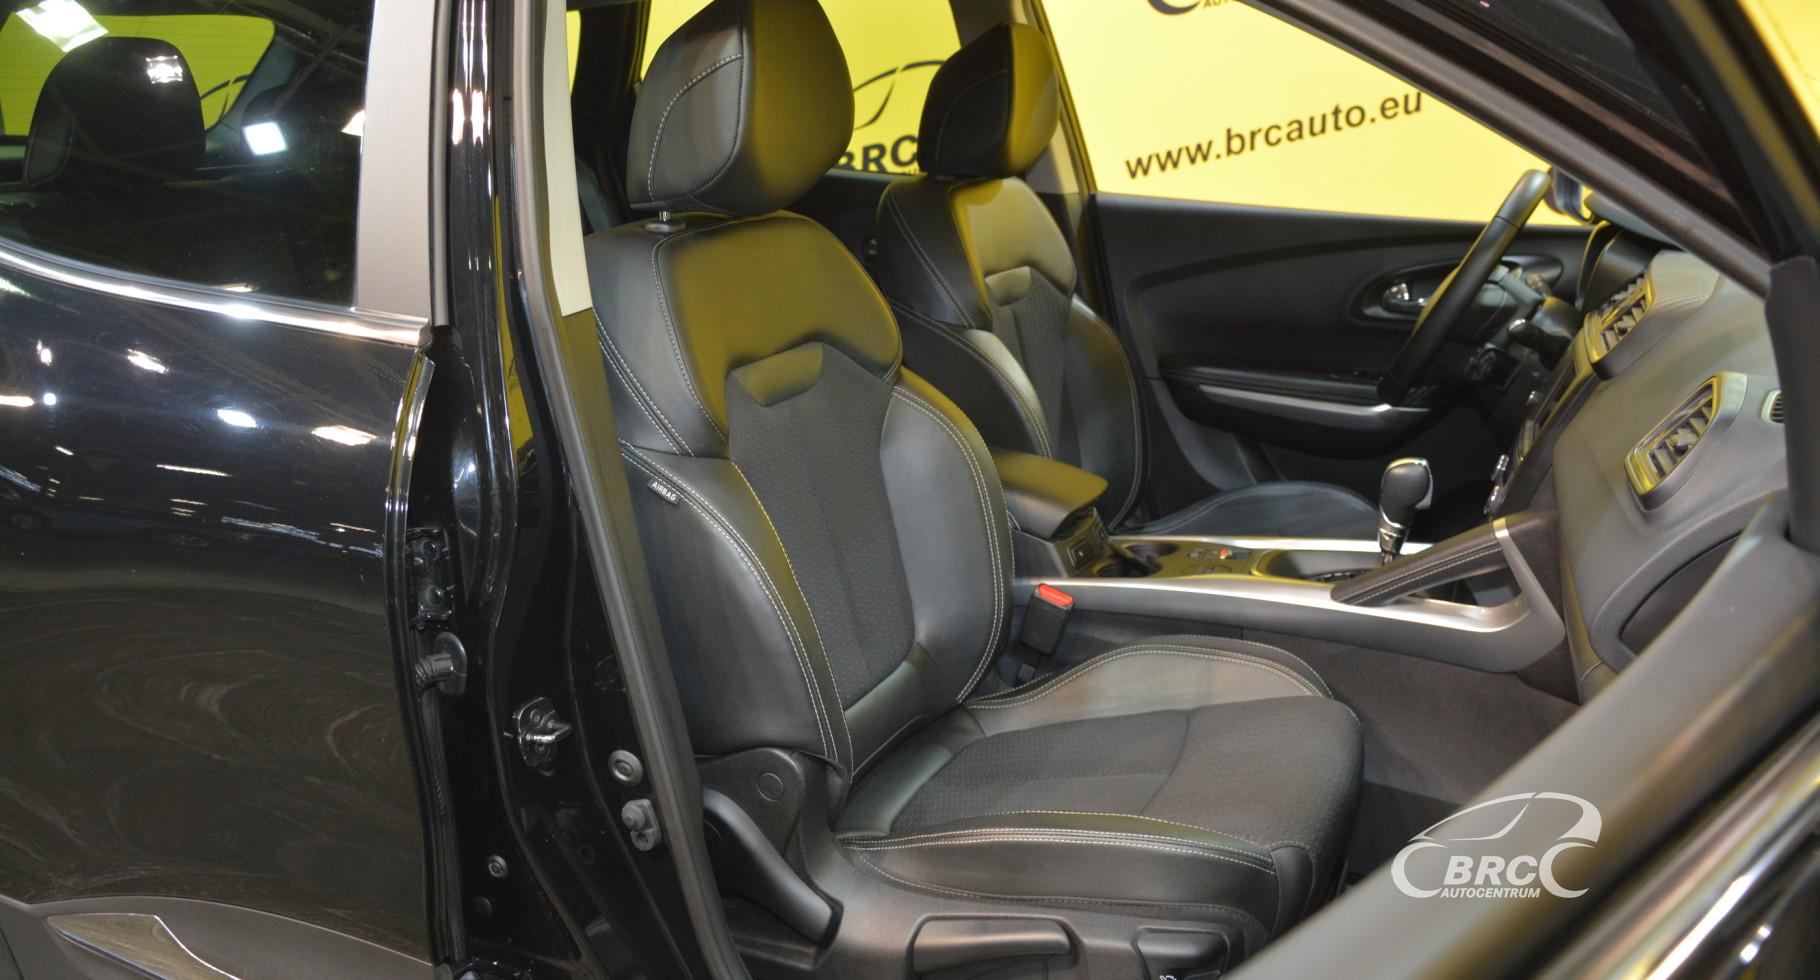 Renault Kadjar 1.2 Energy TCe Automatas